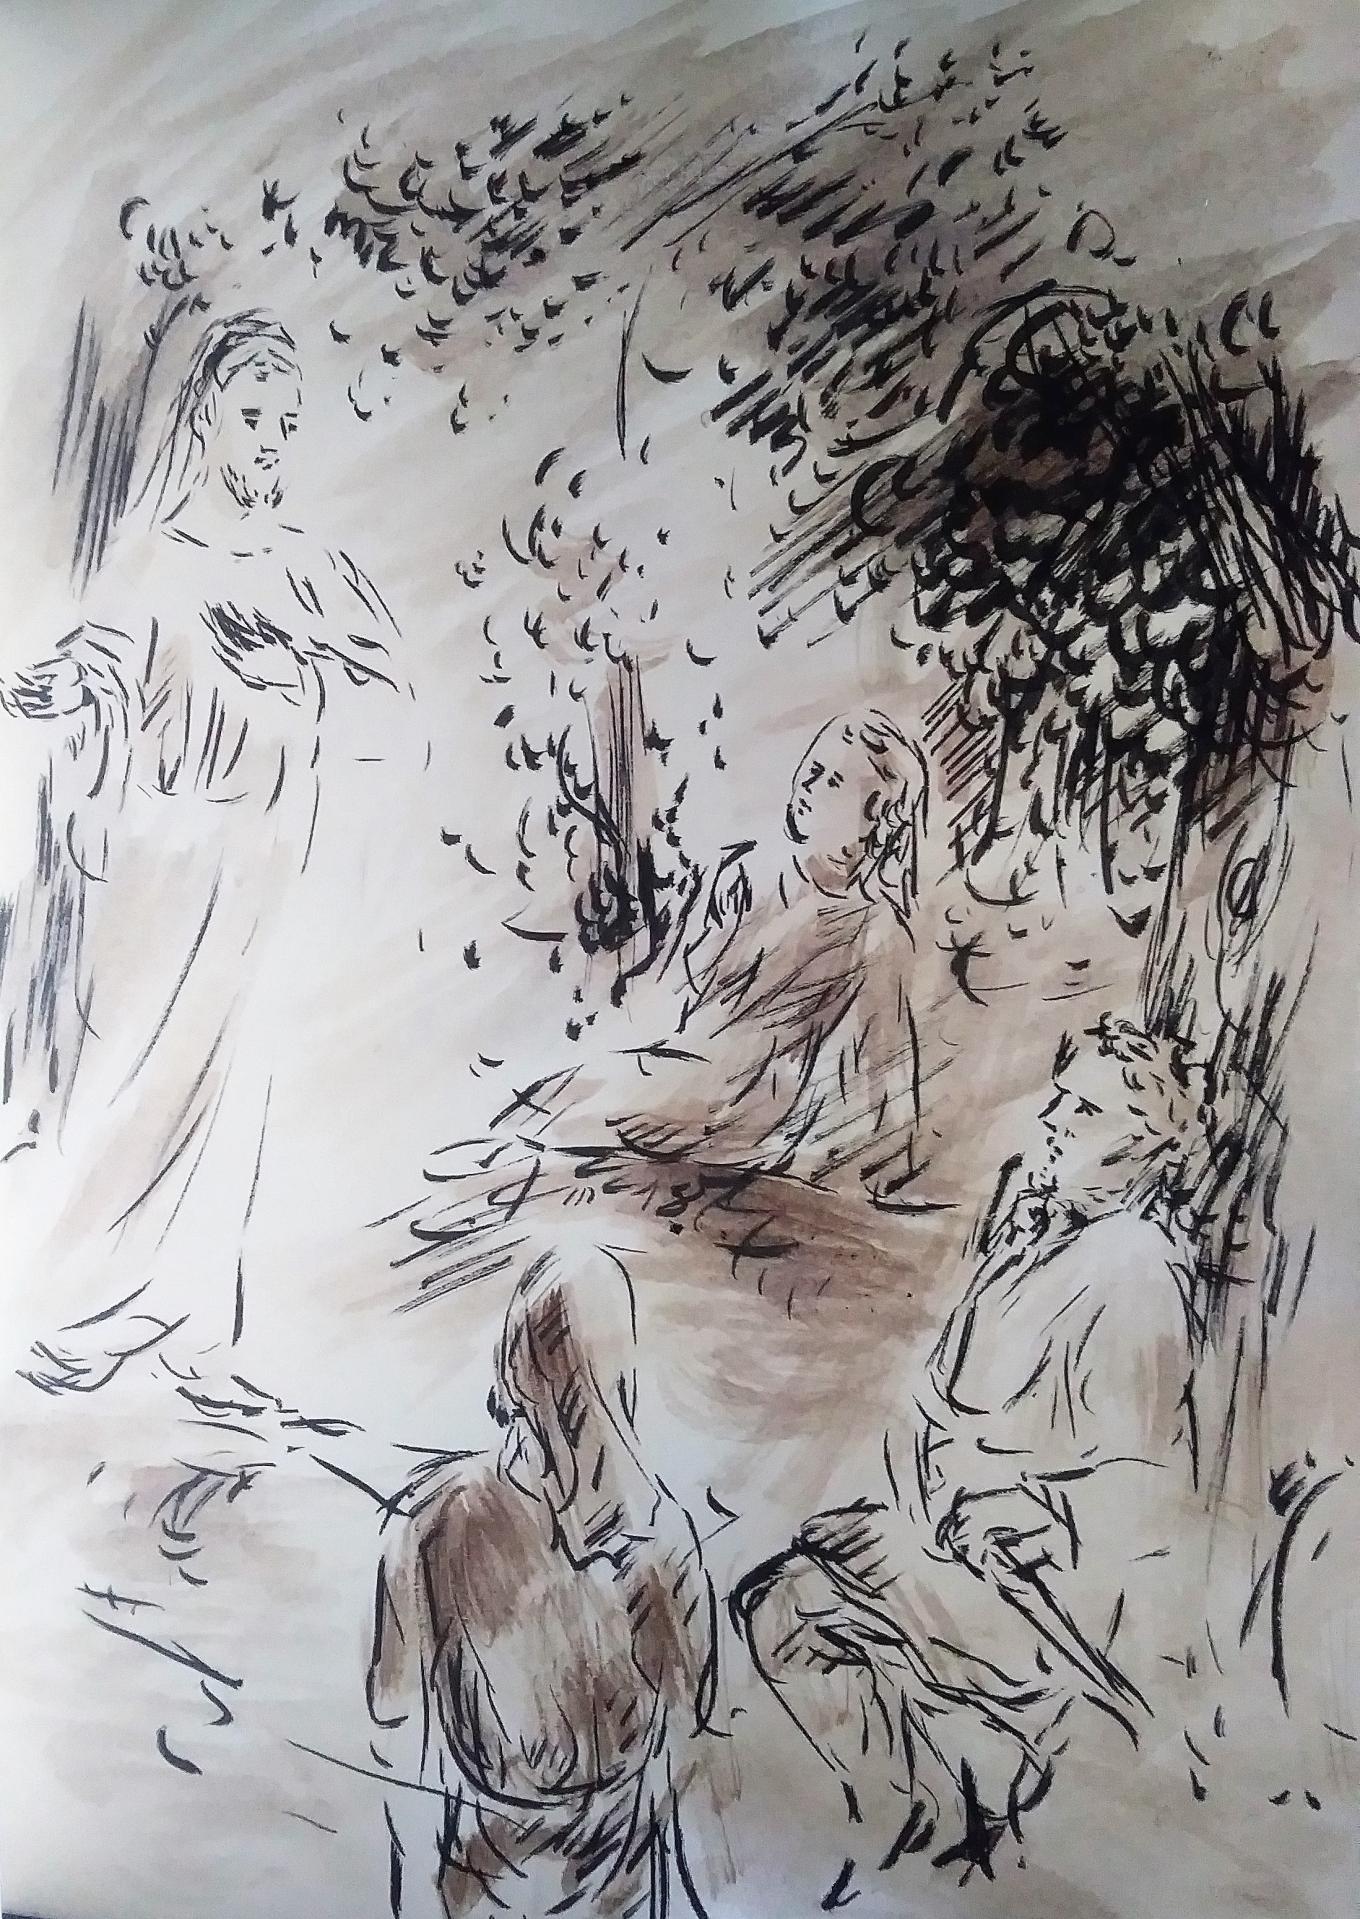 14 Mai 2018, évangile du jour illustré par un dessin au lavis